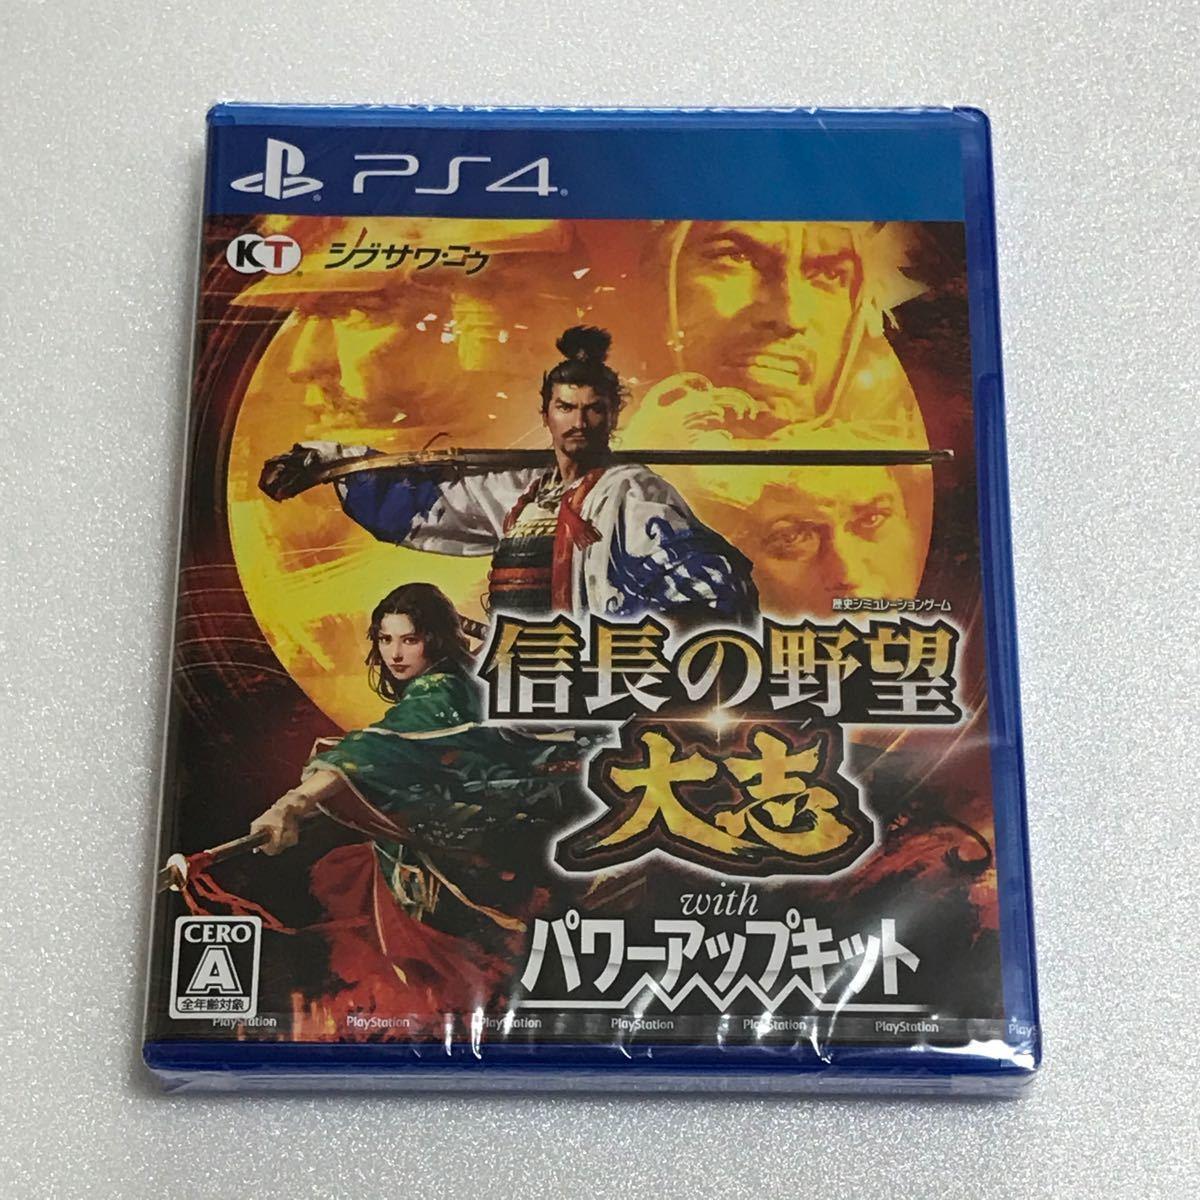 【新品】信長の野望・大志 with パワーアップキット -PS4